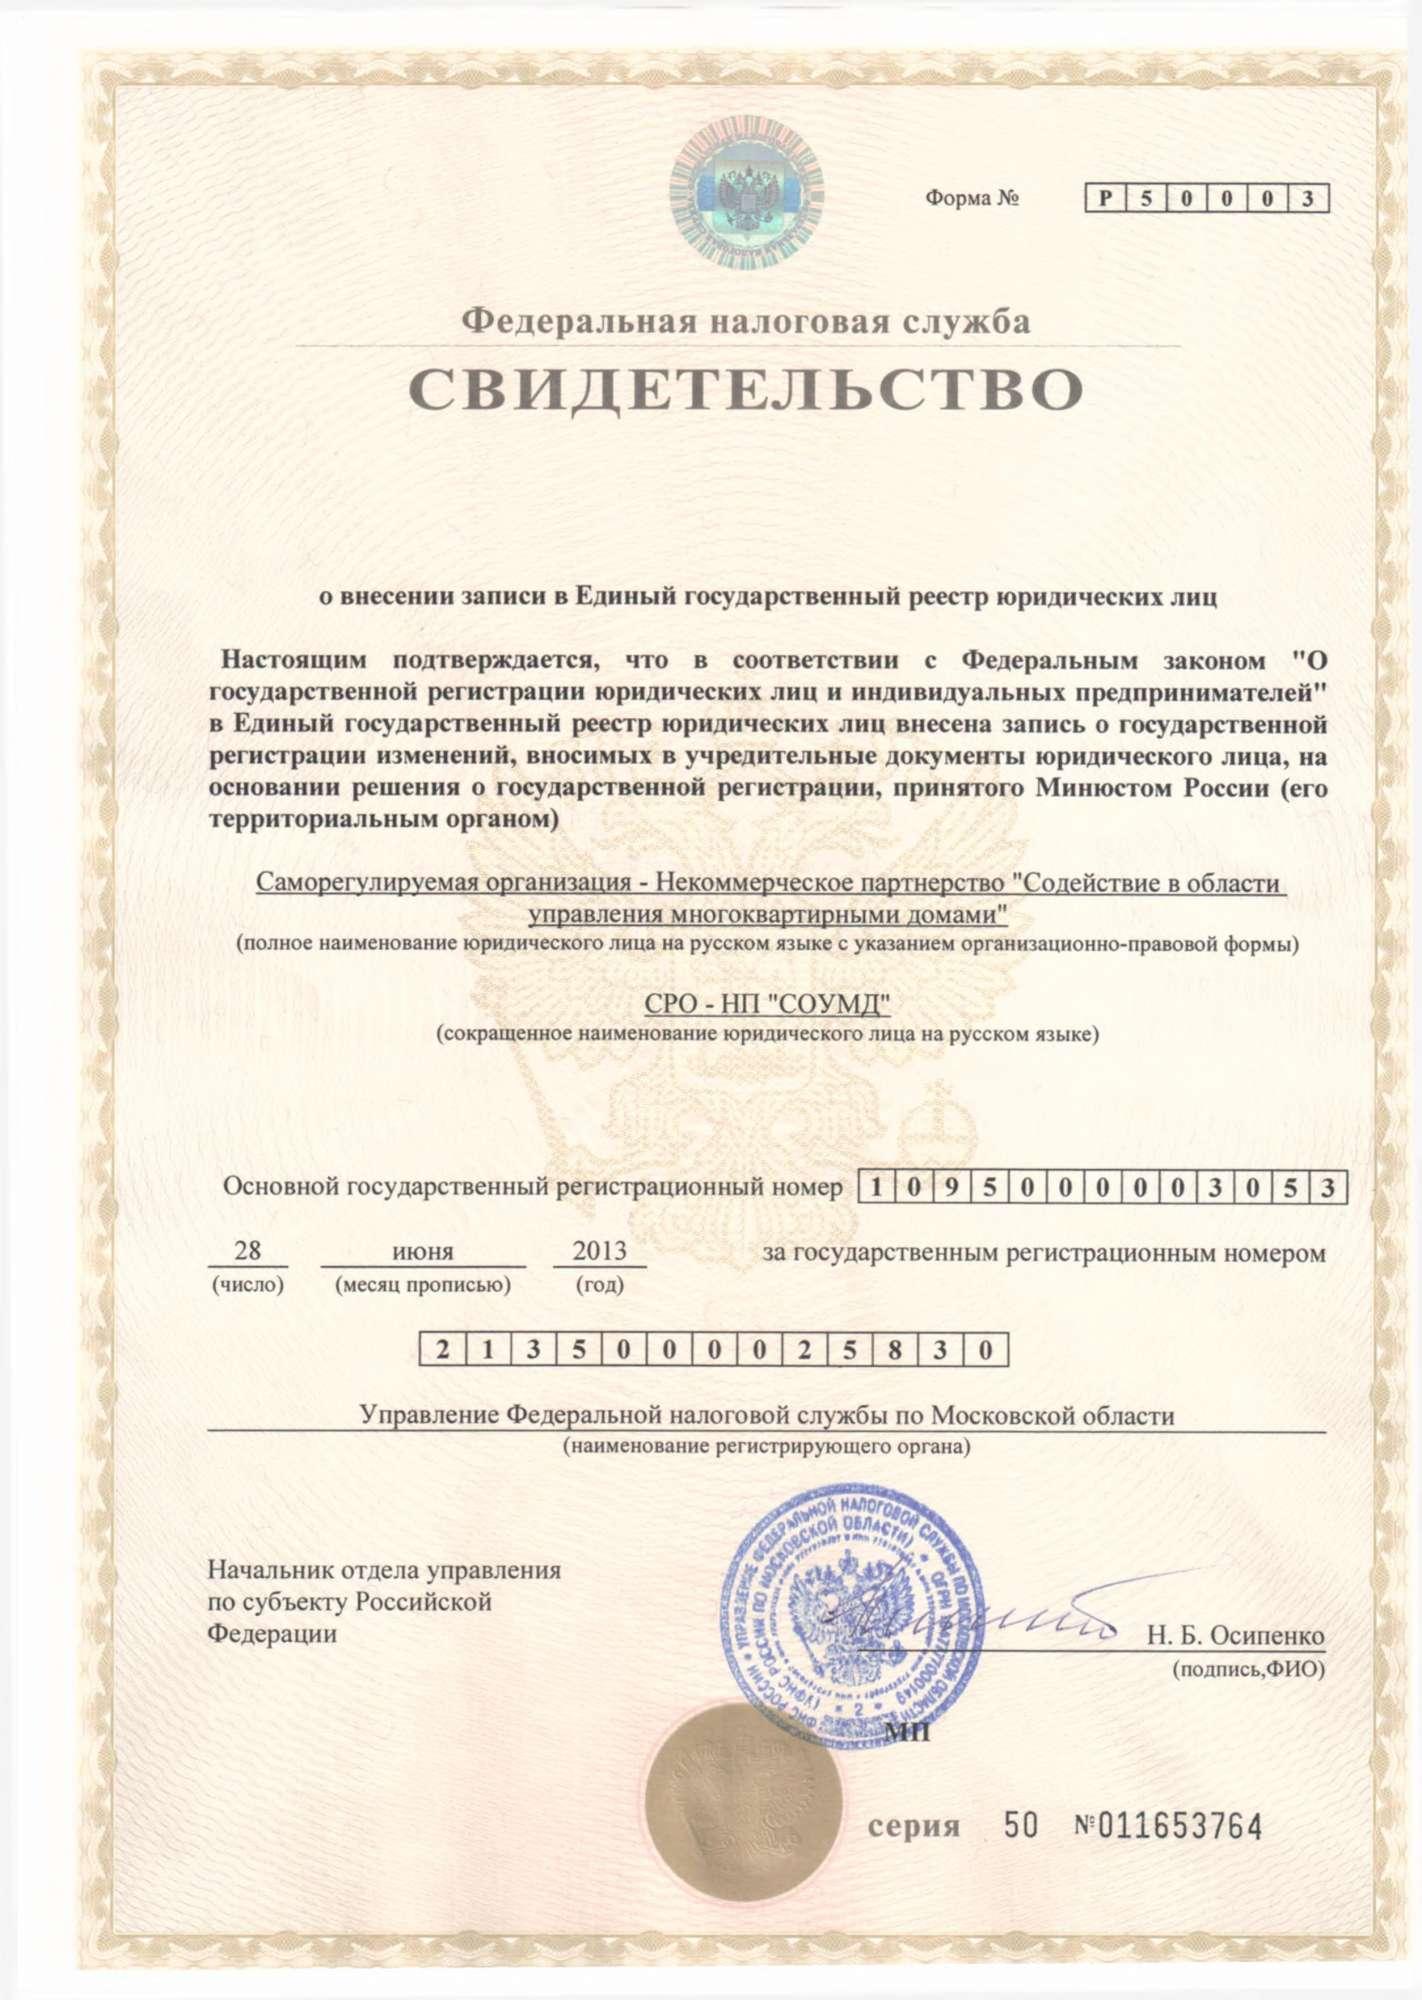 Свидетельство о государственной регистрации юридических лиц